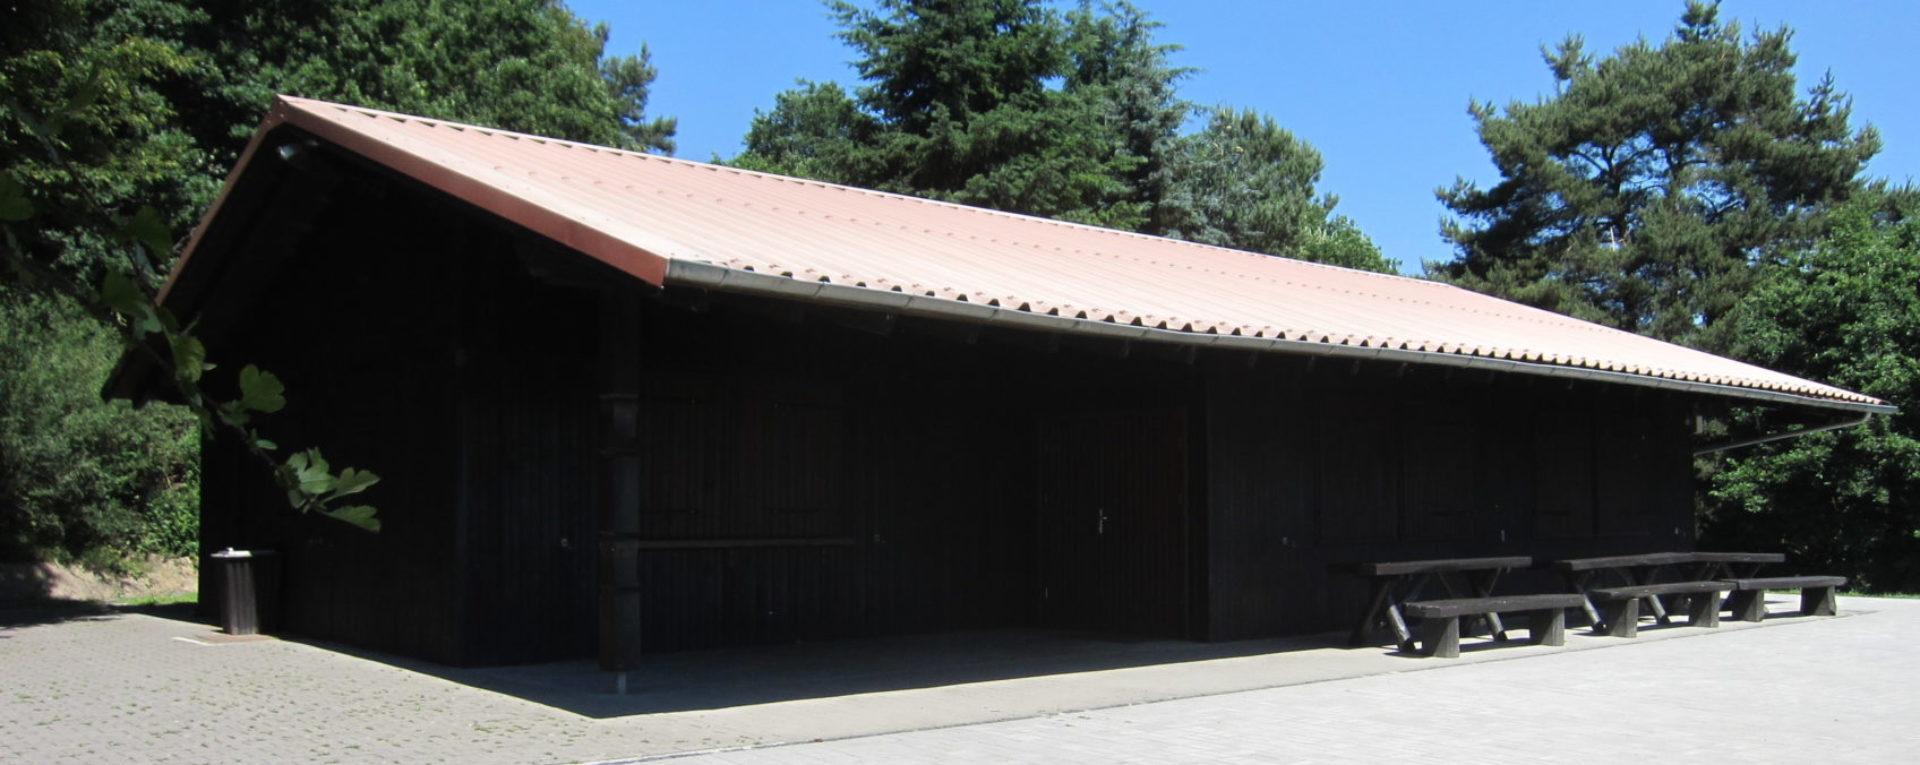 Grillhütte Altenkirchen – Herzlich Willkommen